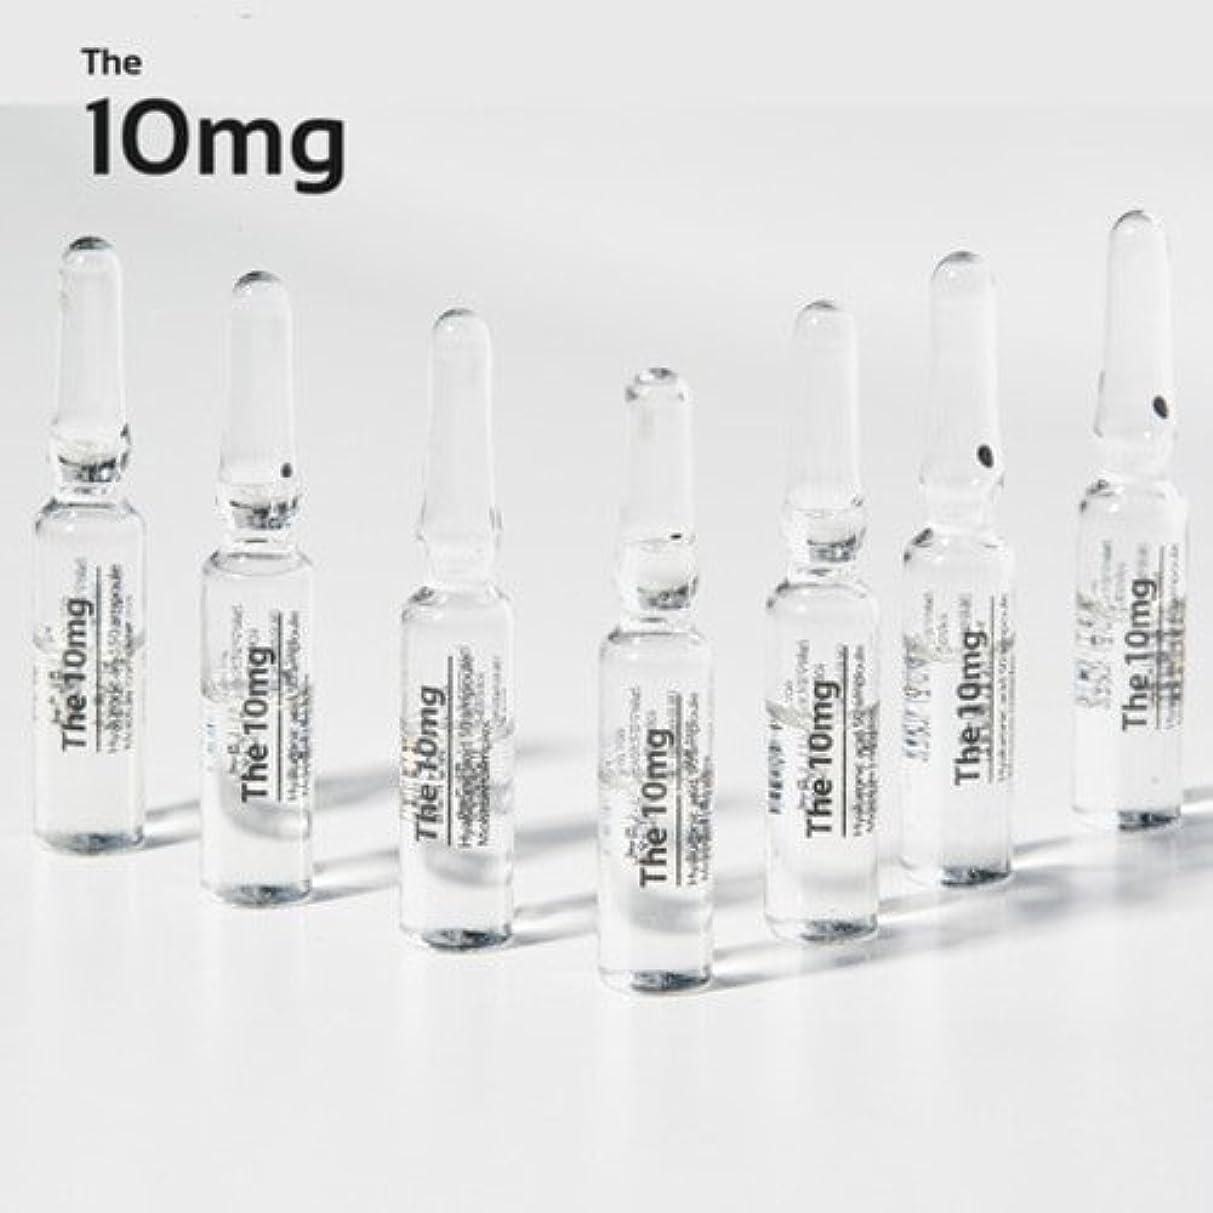 傾向がありますコーナーエクスタシーaida Cosmetic The 10mg Hyaluronic Acid 50 Ampoule 2ml × 10ea/アイダ コスメティック The 10mg ヒアルロン酸 50 アンプル 2ml × 10個 [並行輸入品]